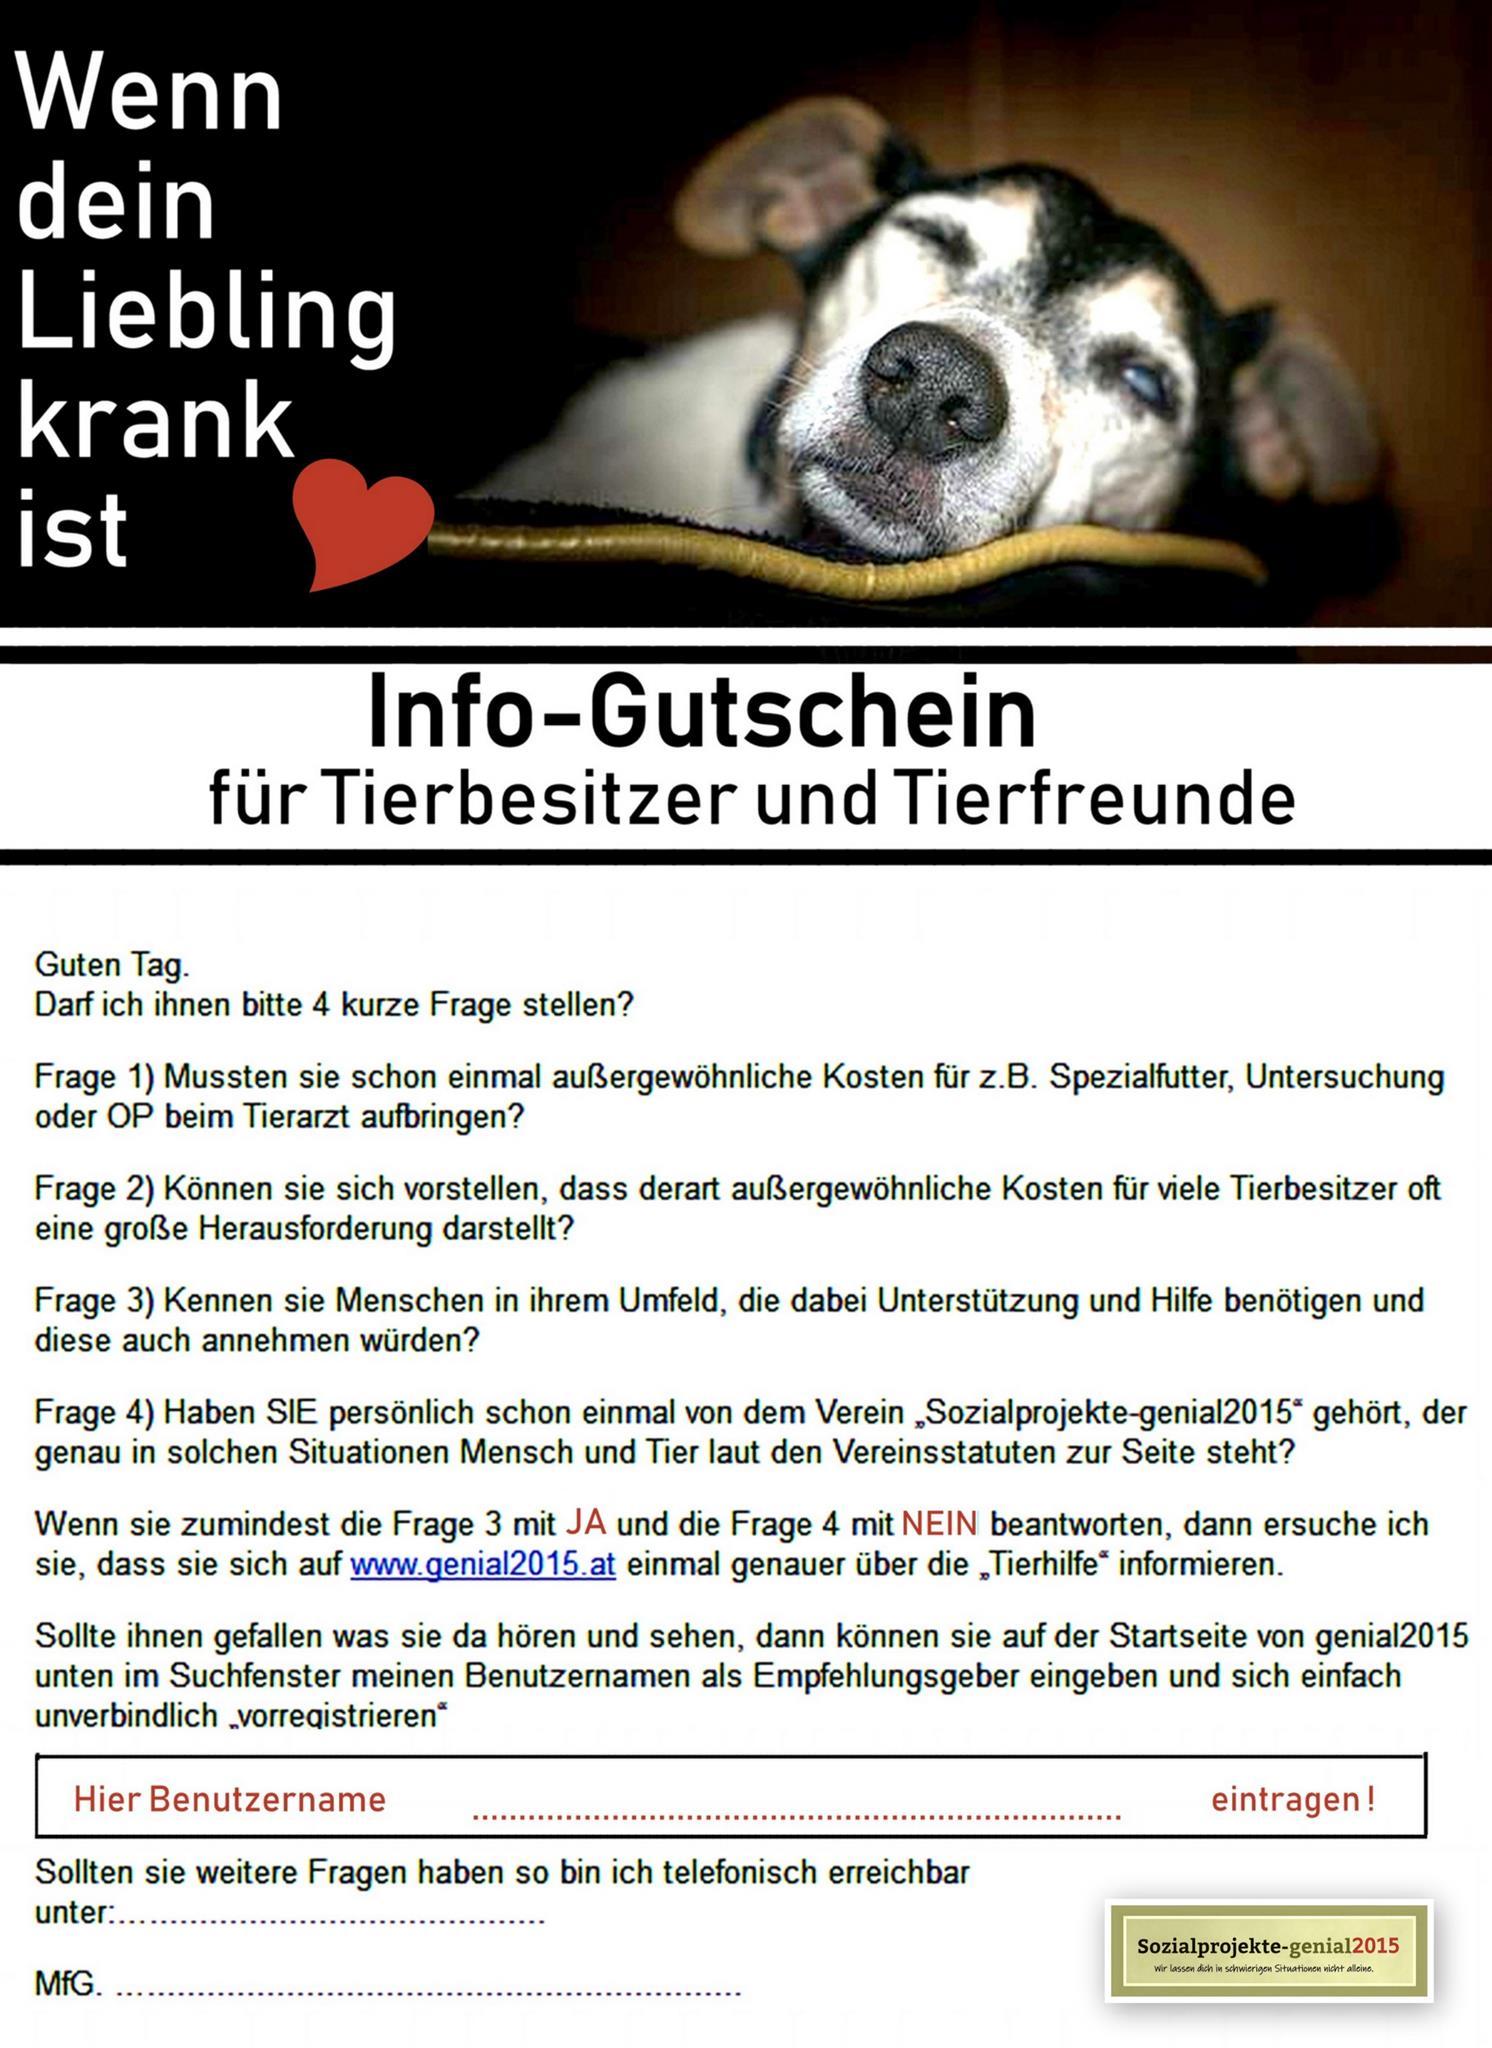 1531676603_Einladung-Tiergutschein.jpg